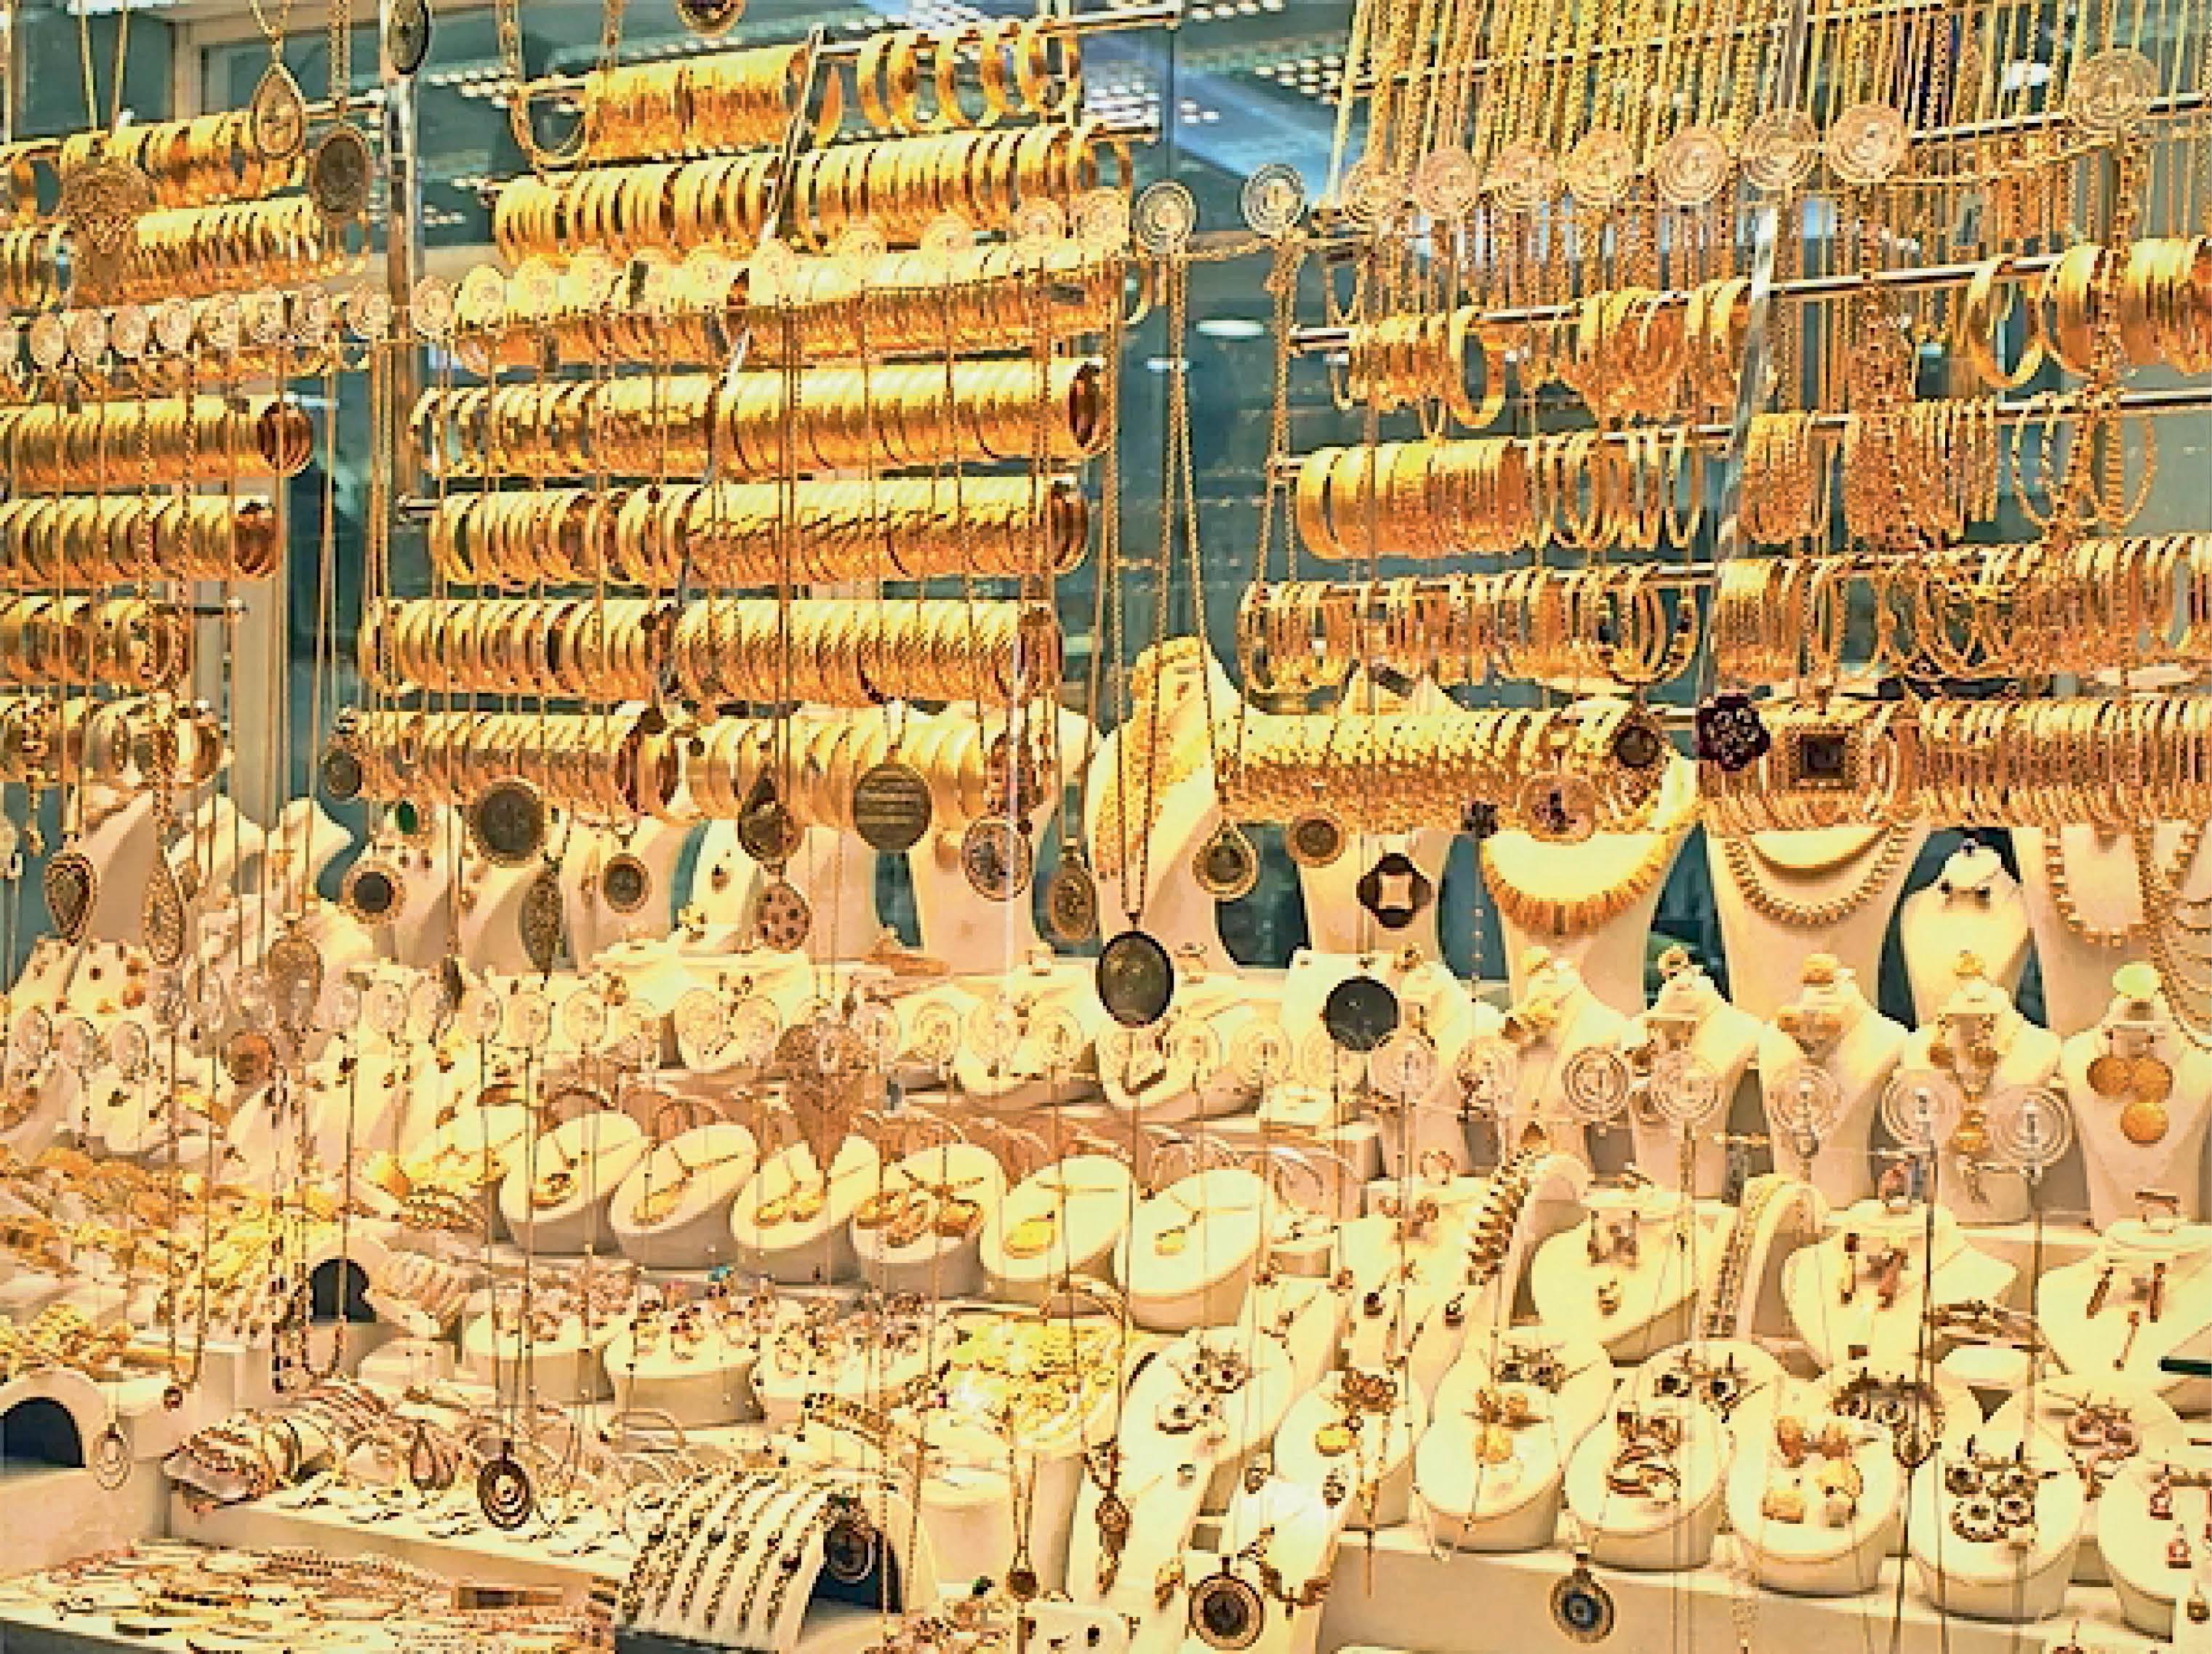 खूब सोना: शादियों के मौसम से ठीक पहले बड़ी सौगात, सोना 7 महीने में 10,887 रुपये सस्ता